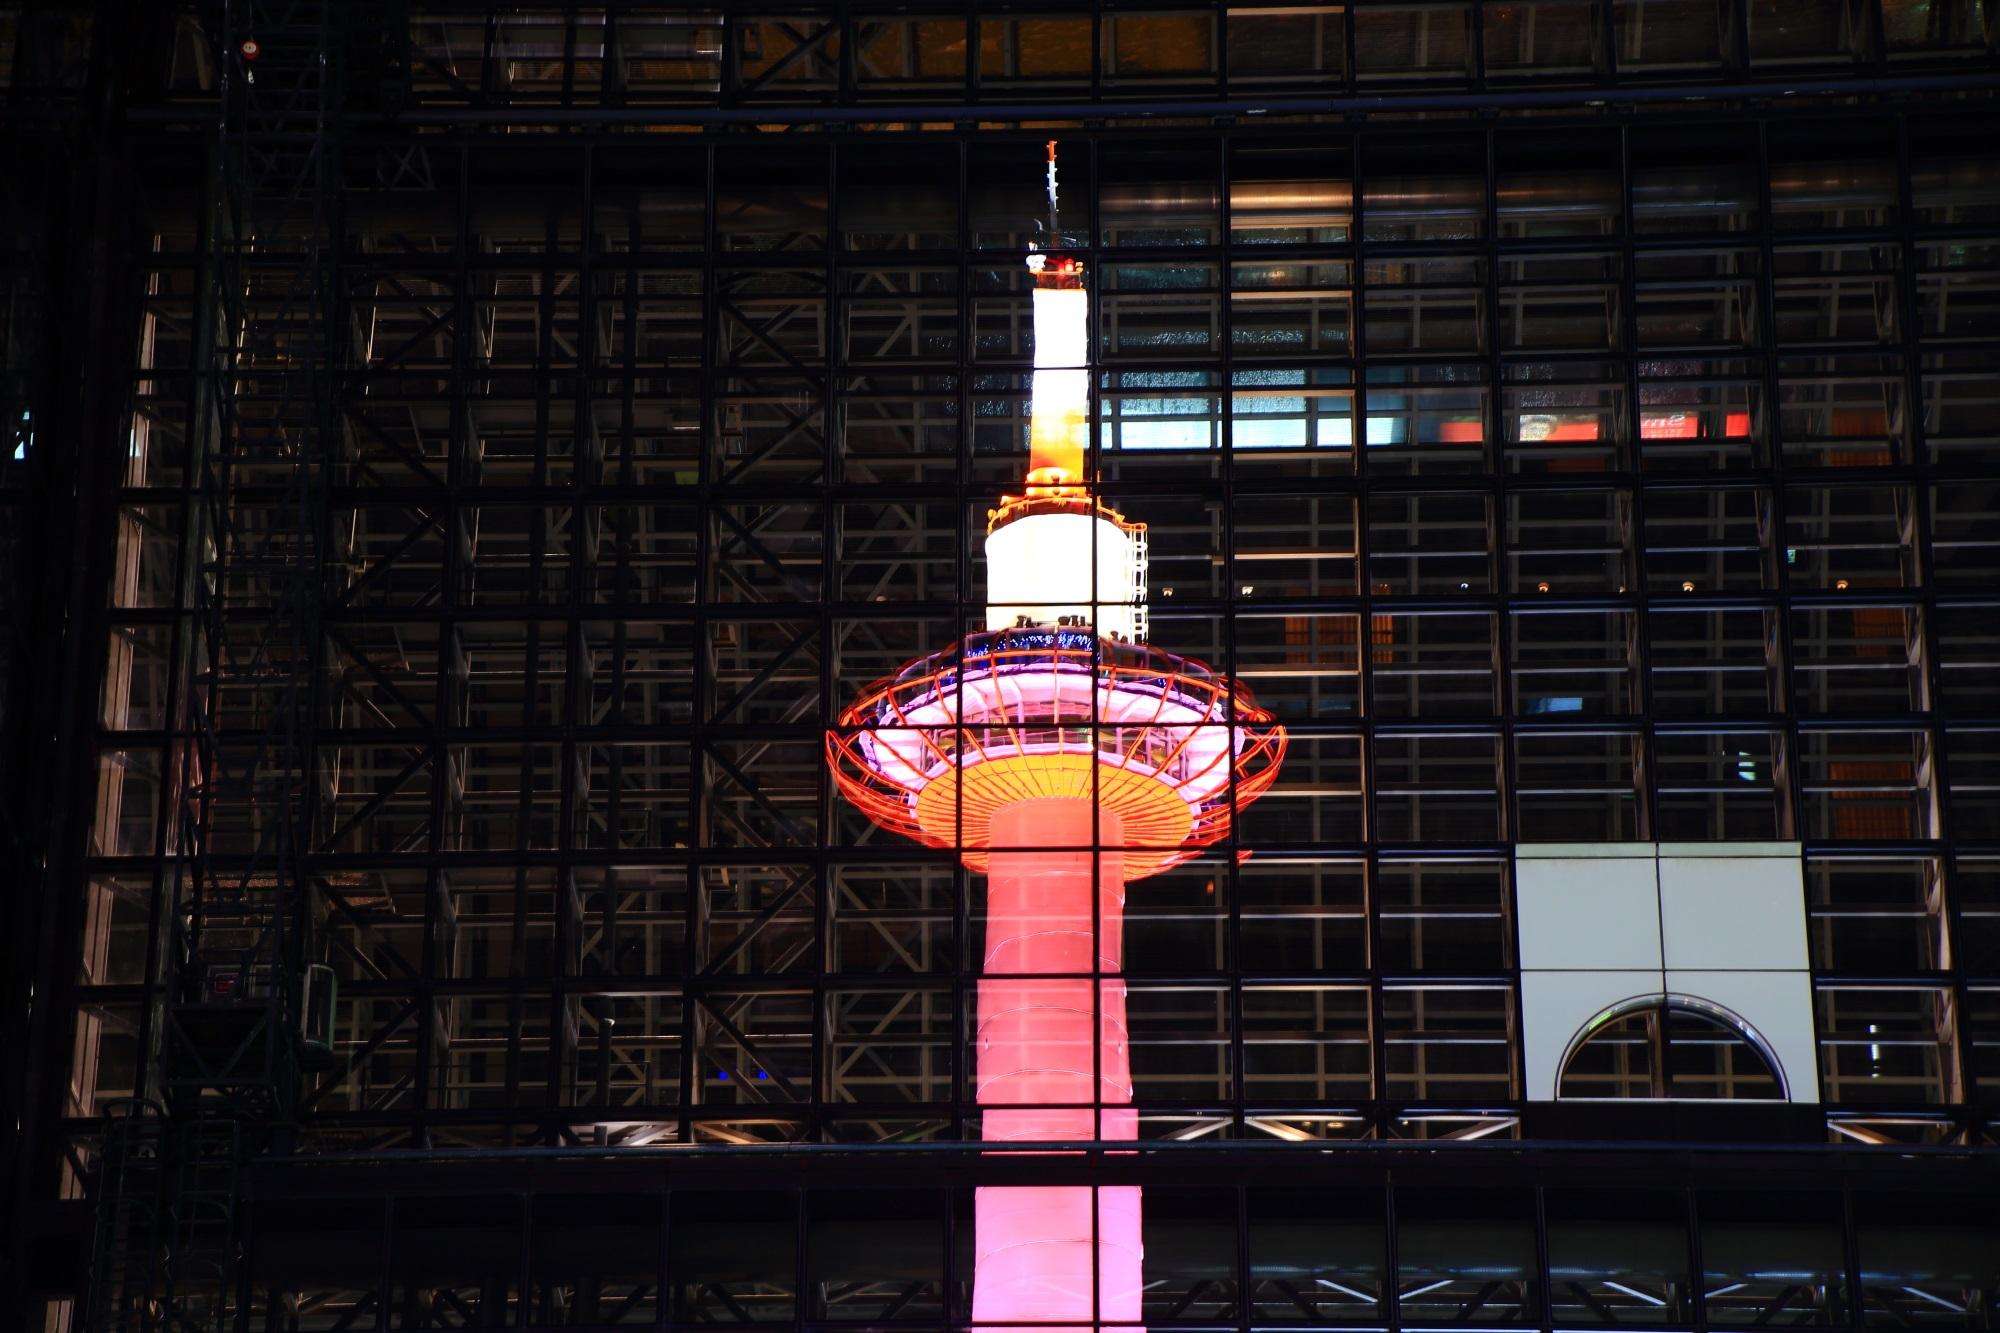 京都駅ビルに映るピンクリボンライトアップの京都タワー